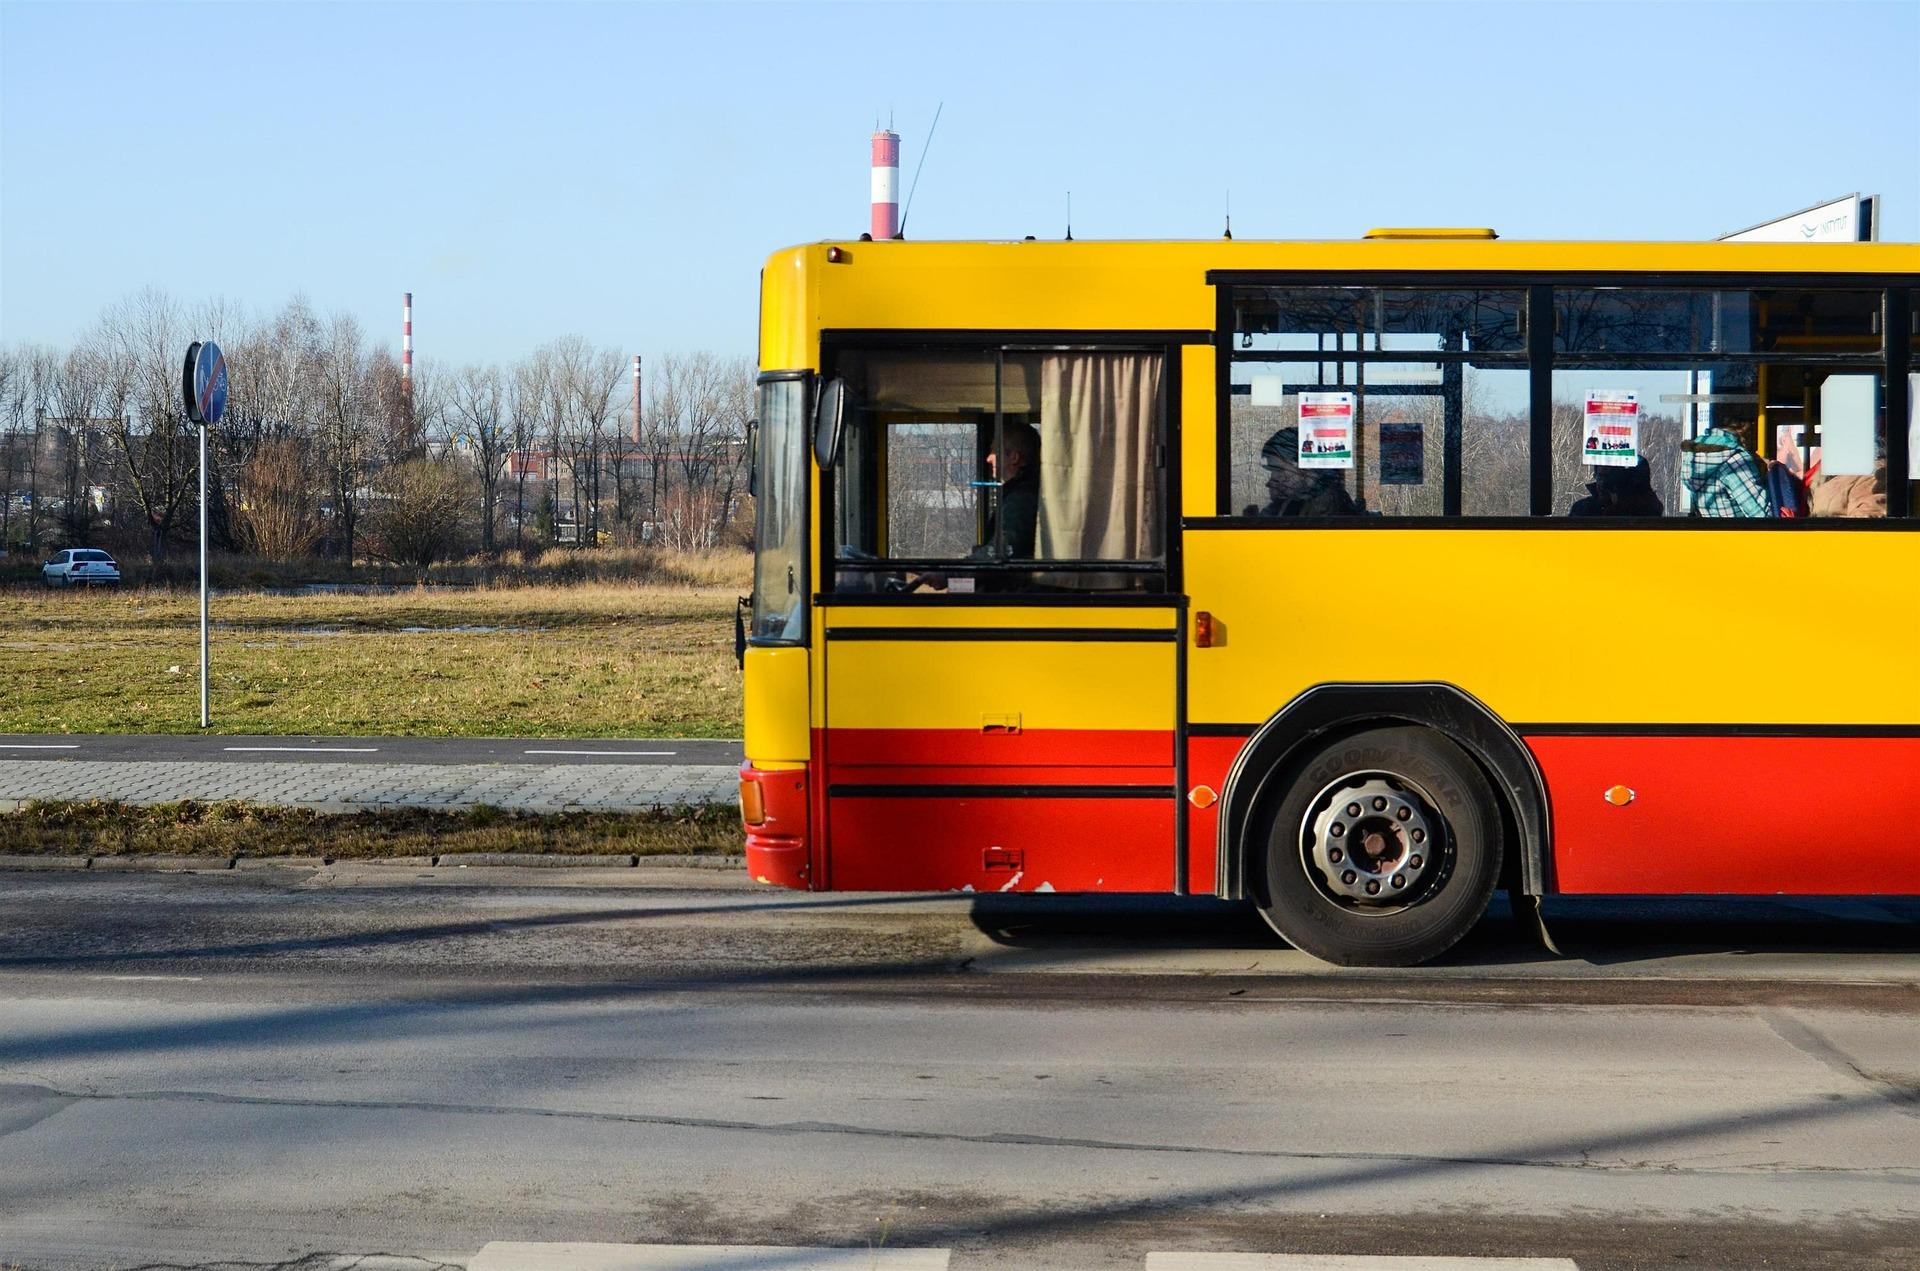 Powiat uruchomił nowe linie autobusowe - Zdjęcie główne